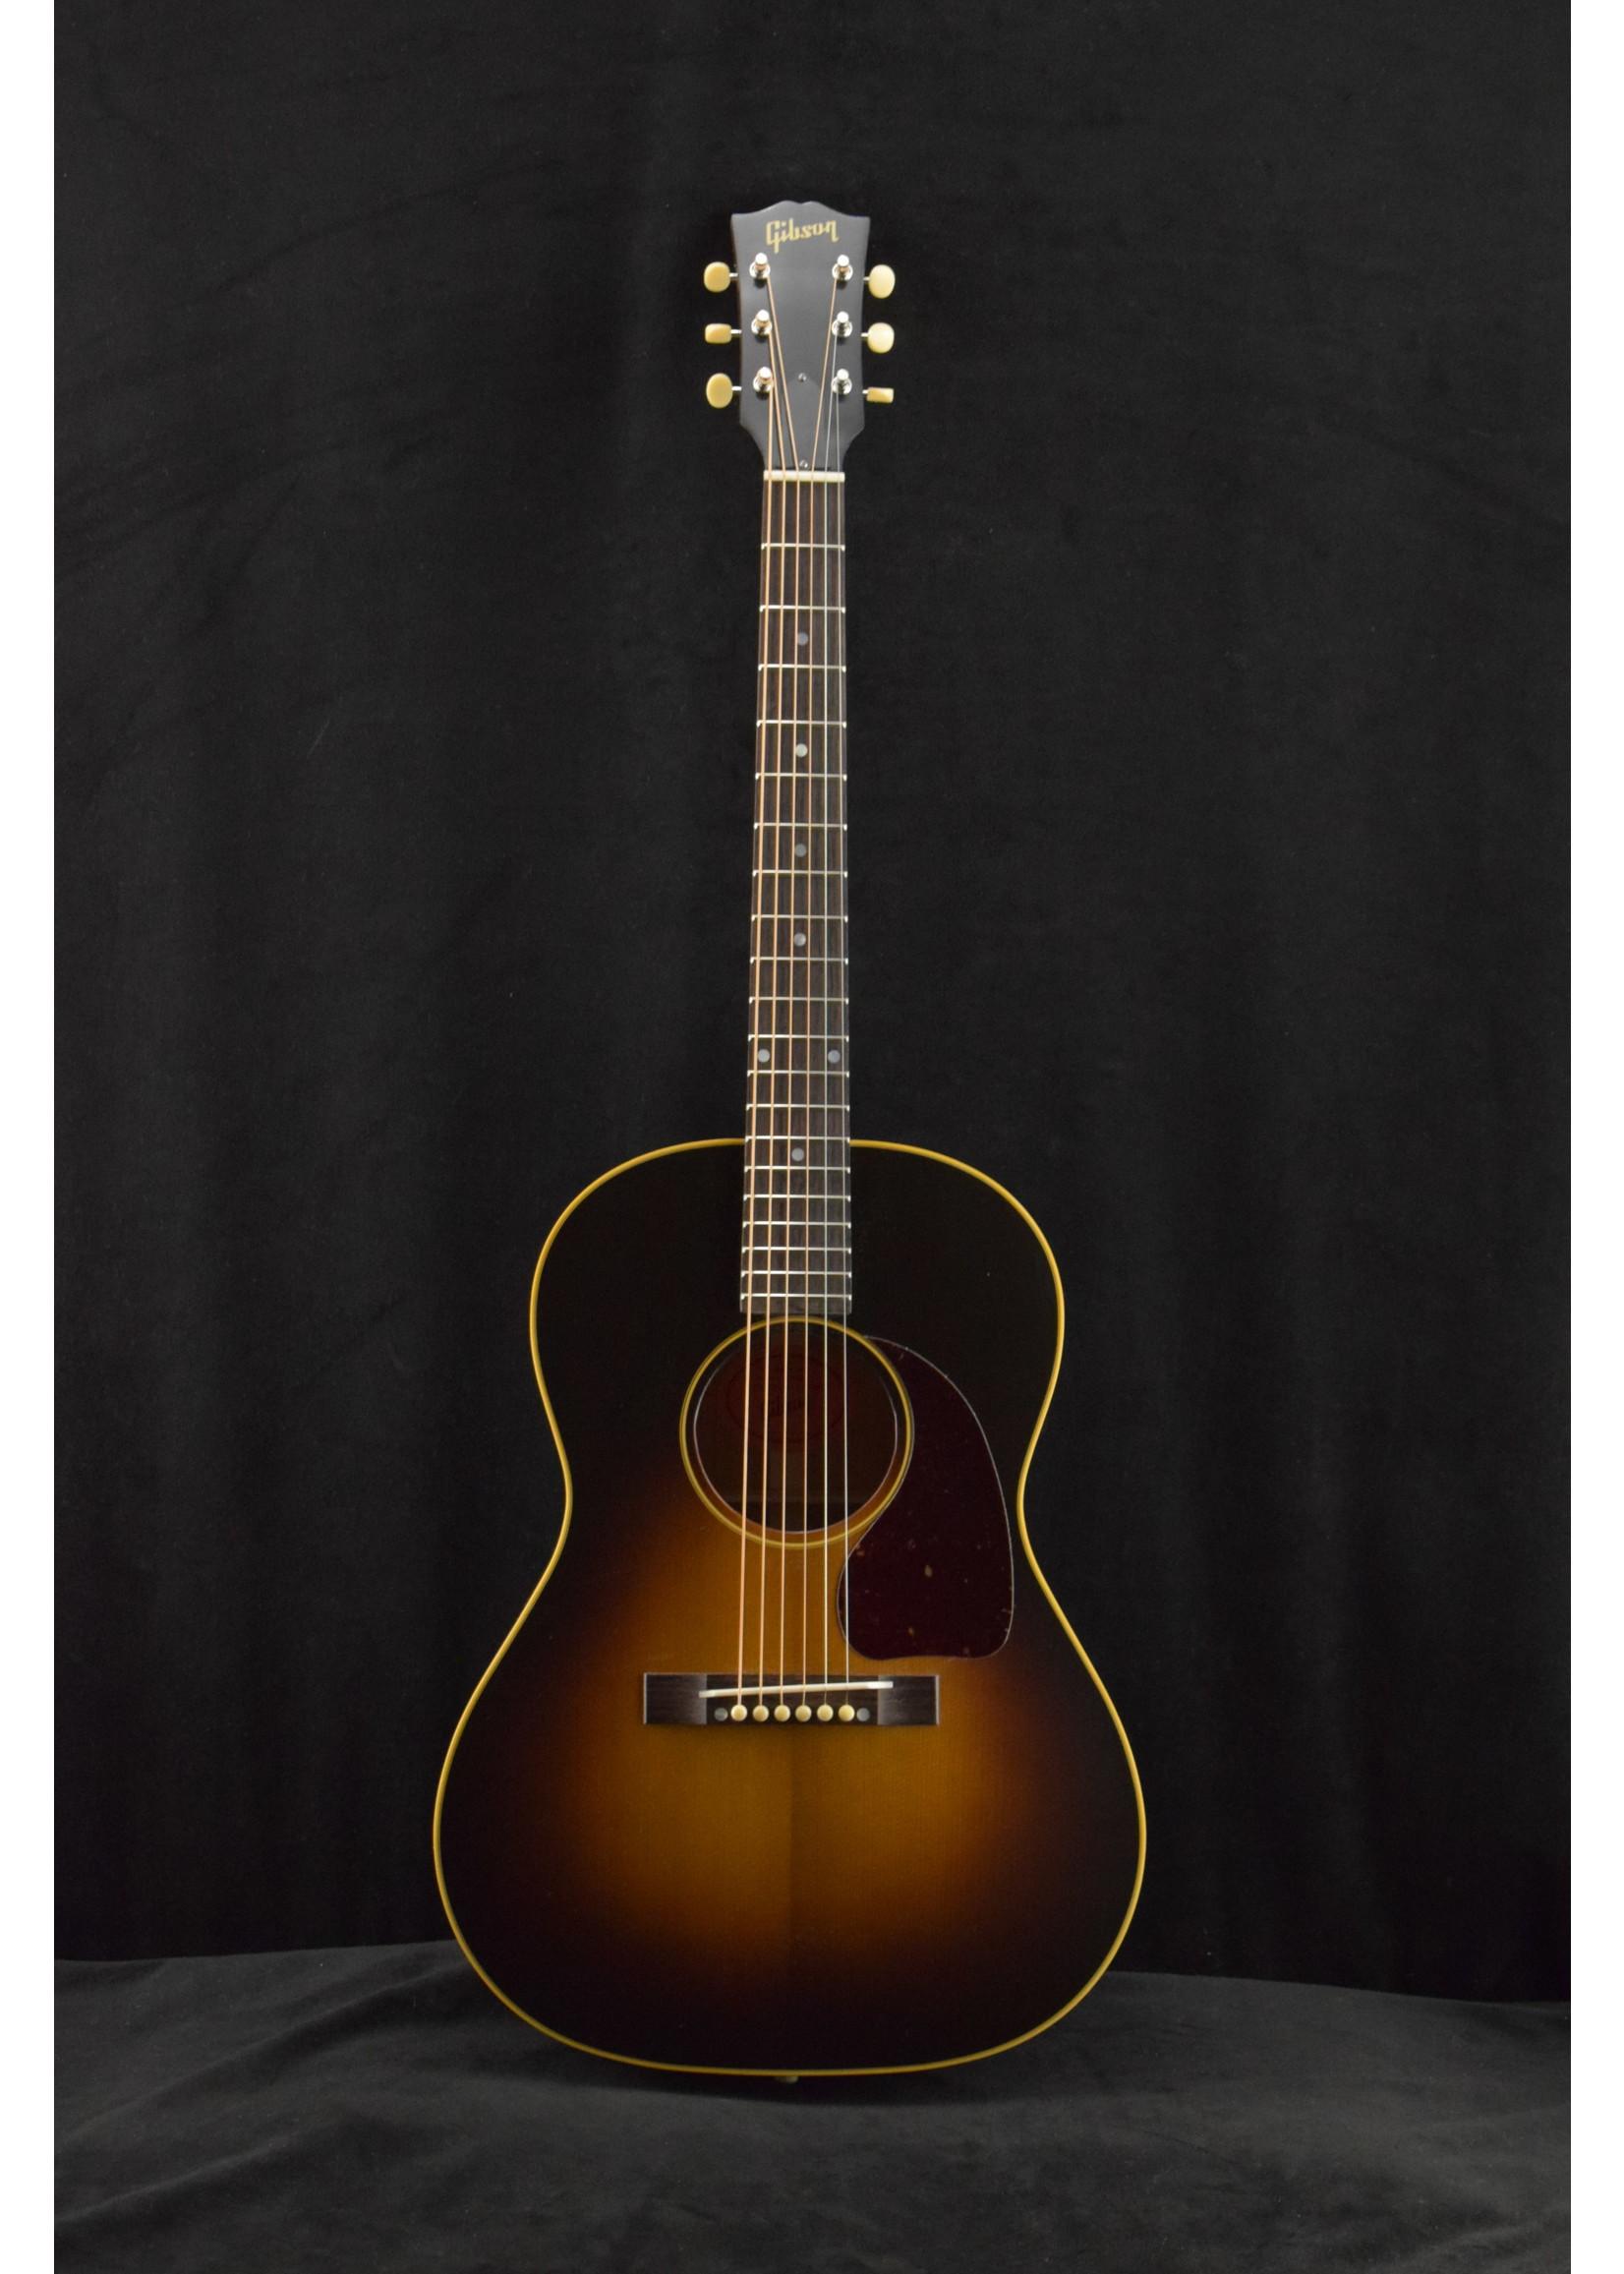 Gibson Gibson 1942 Banner LG-2 Vintage Sunburst